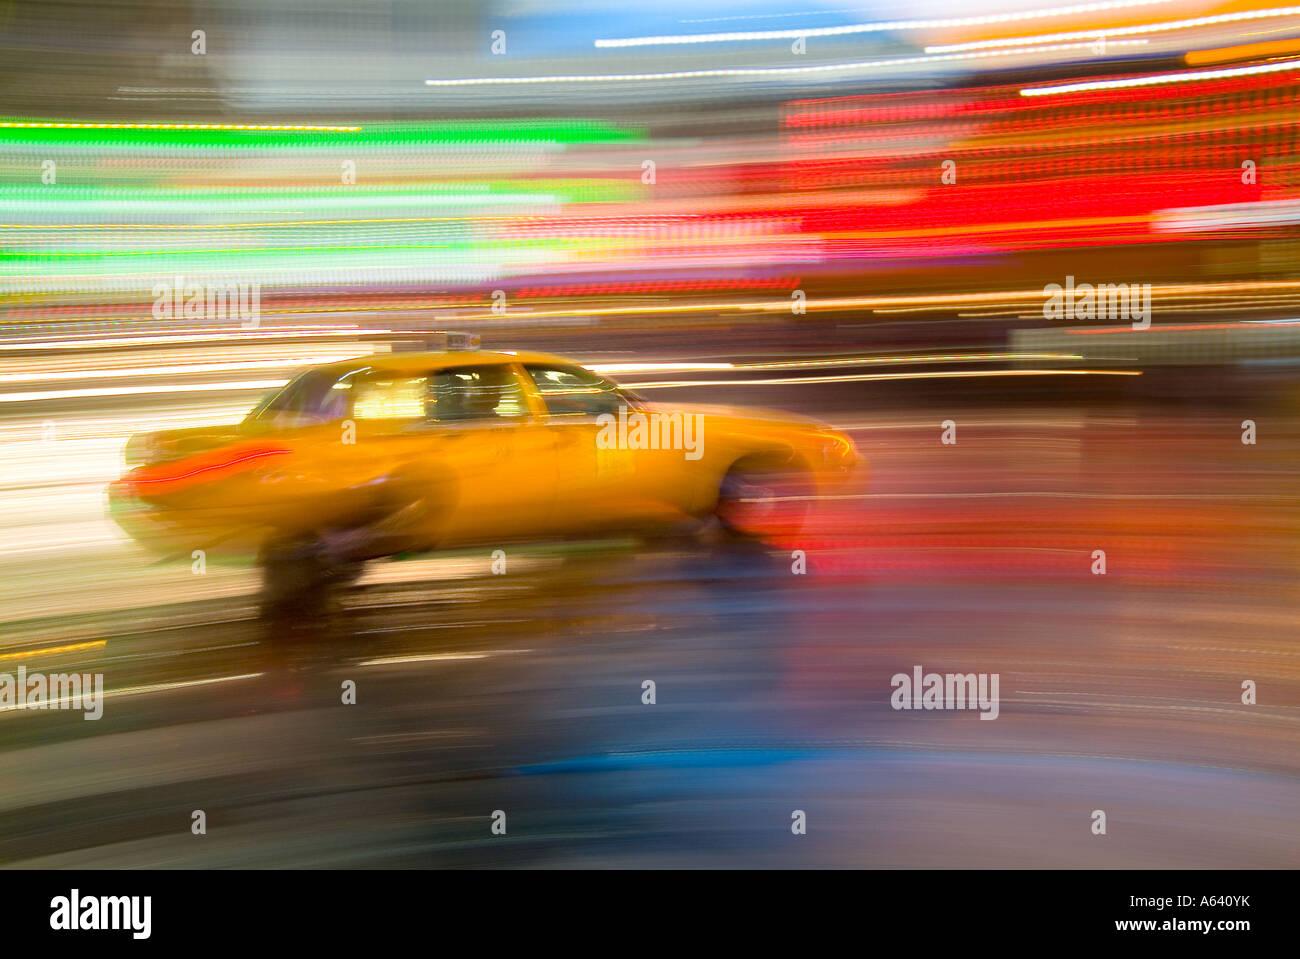 Taxi, New York City di notte con Motion Blur e luci luminose, Times Square a New York City, Stati Uniti d'America Immagini Stock